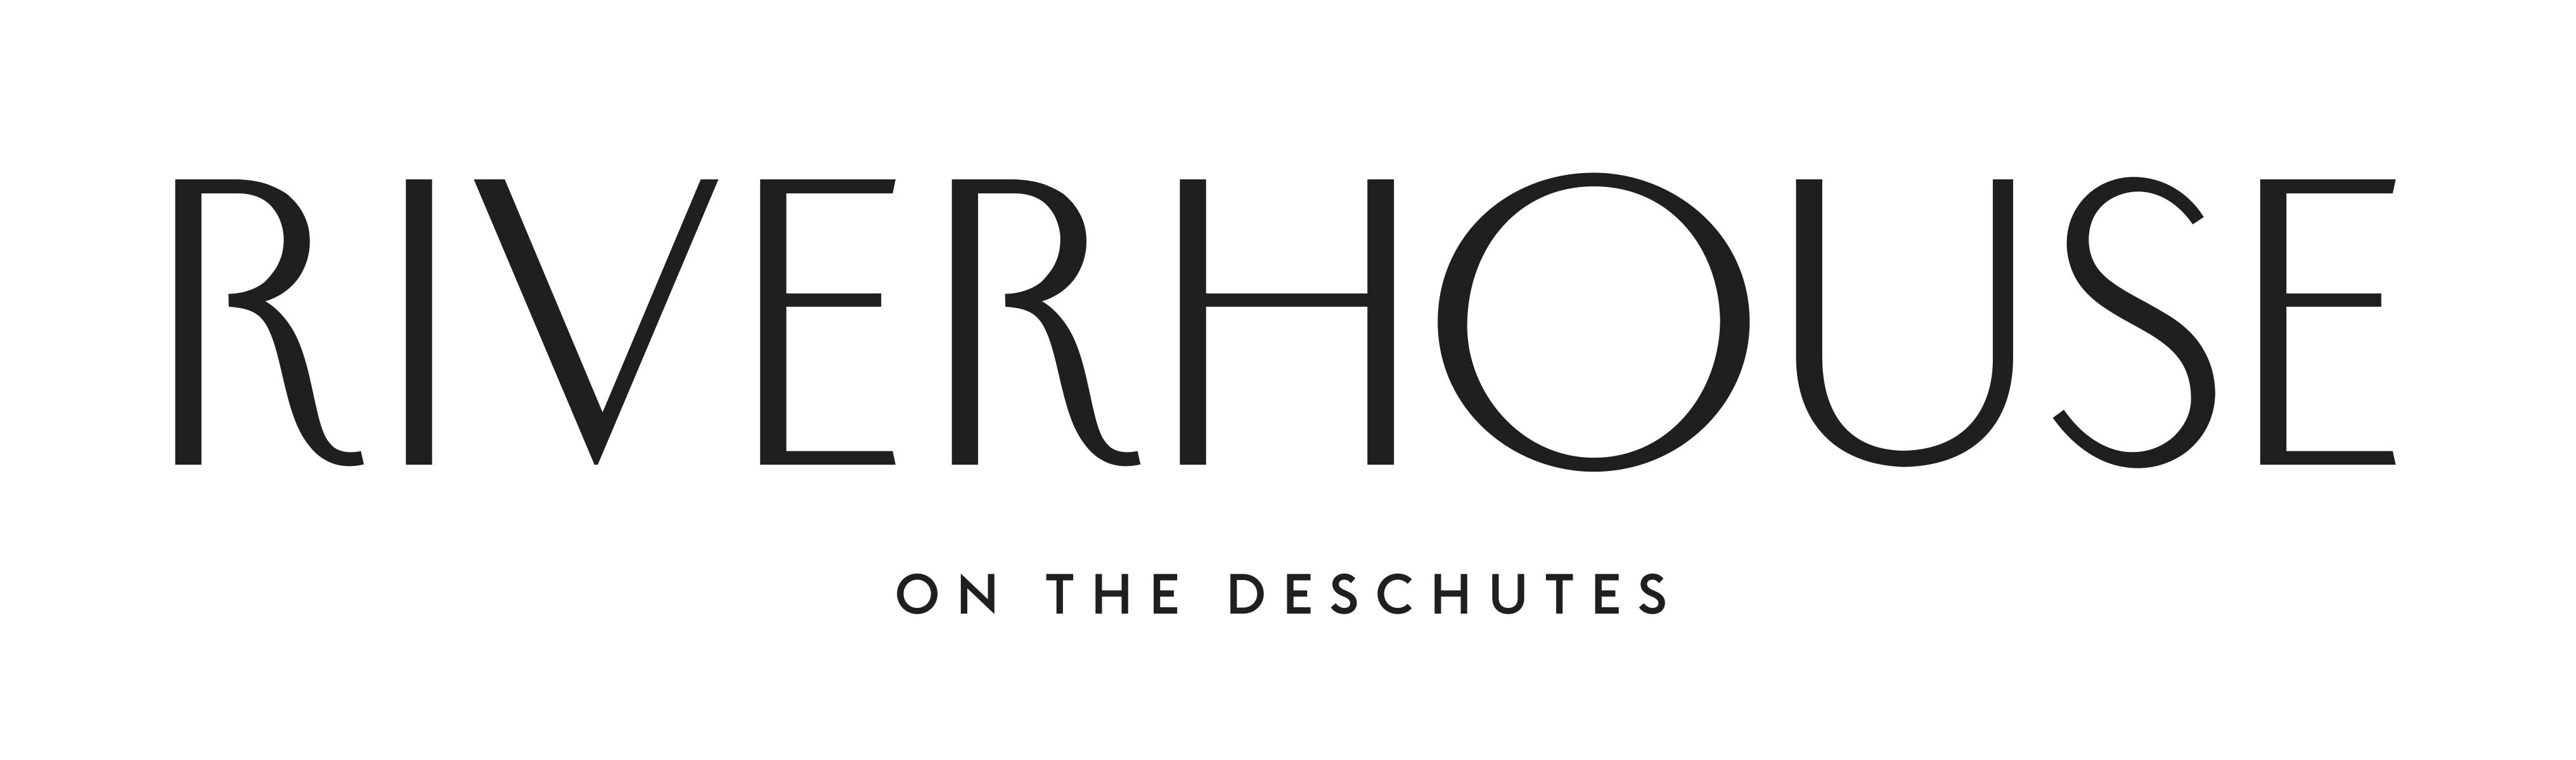 Logo for Riverhouse on the Deschutes